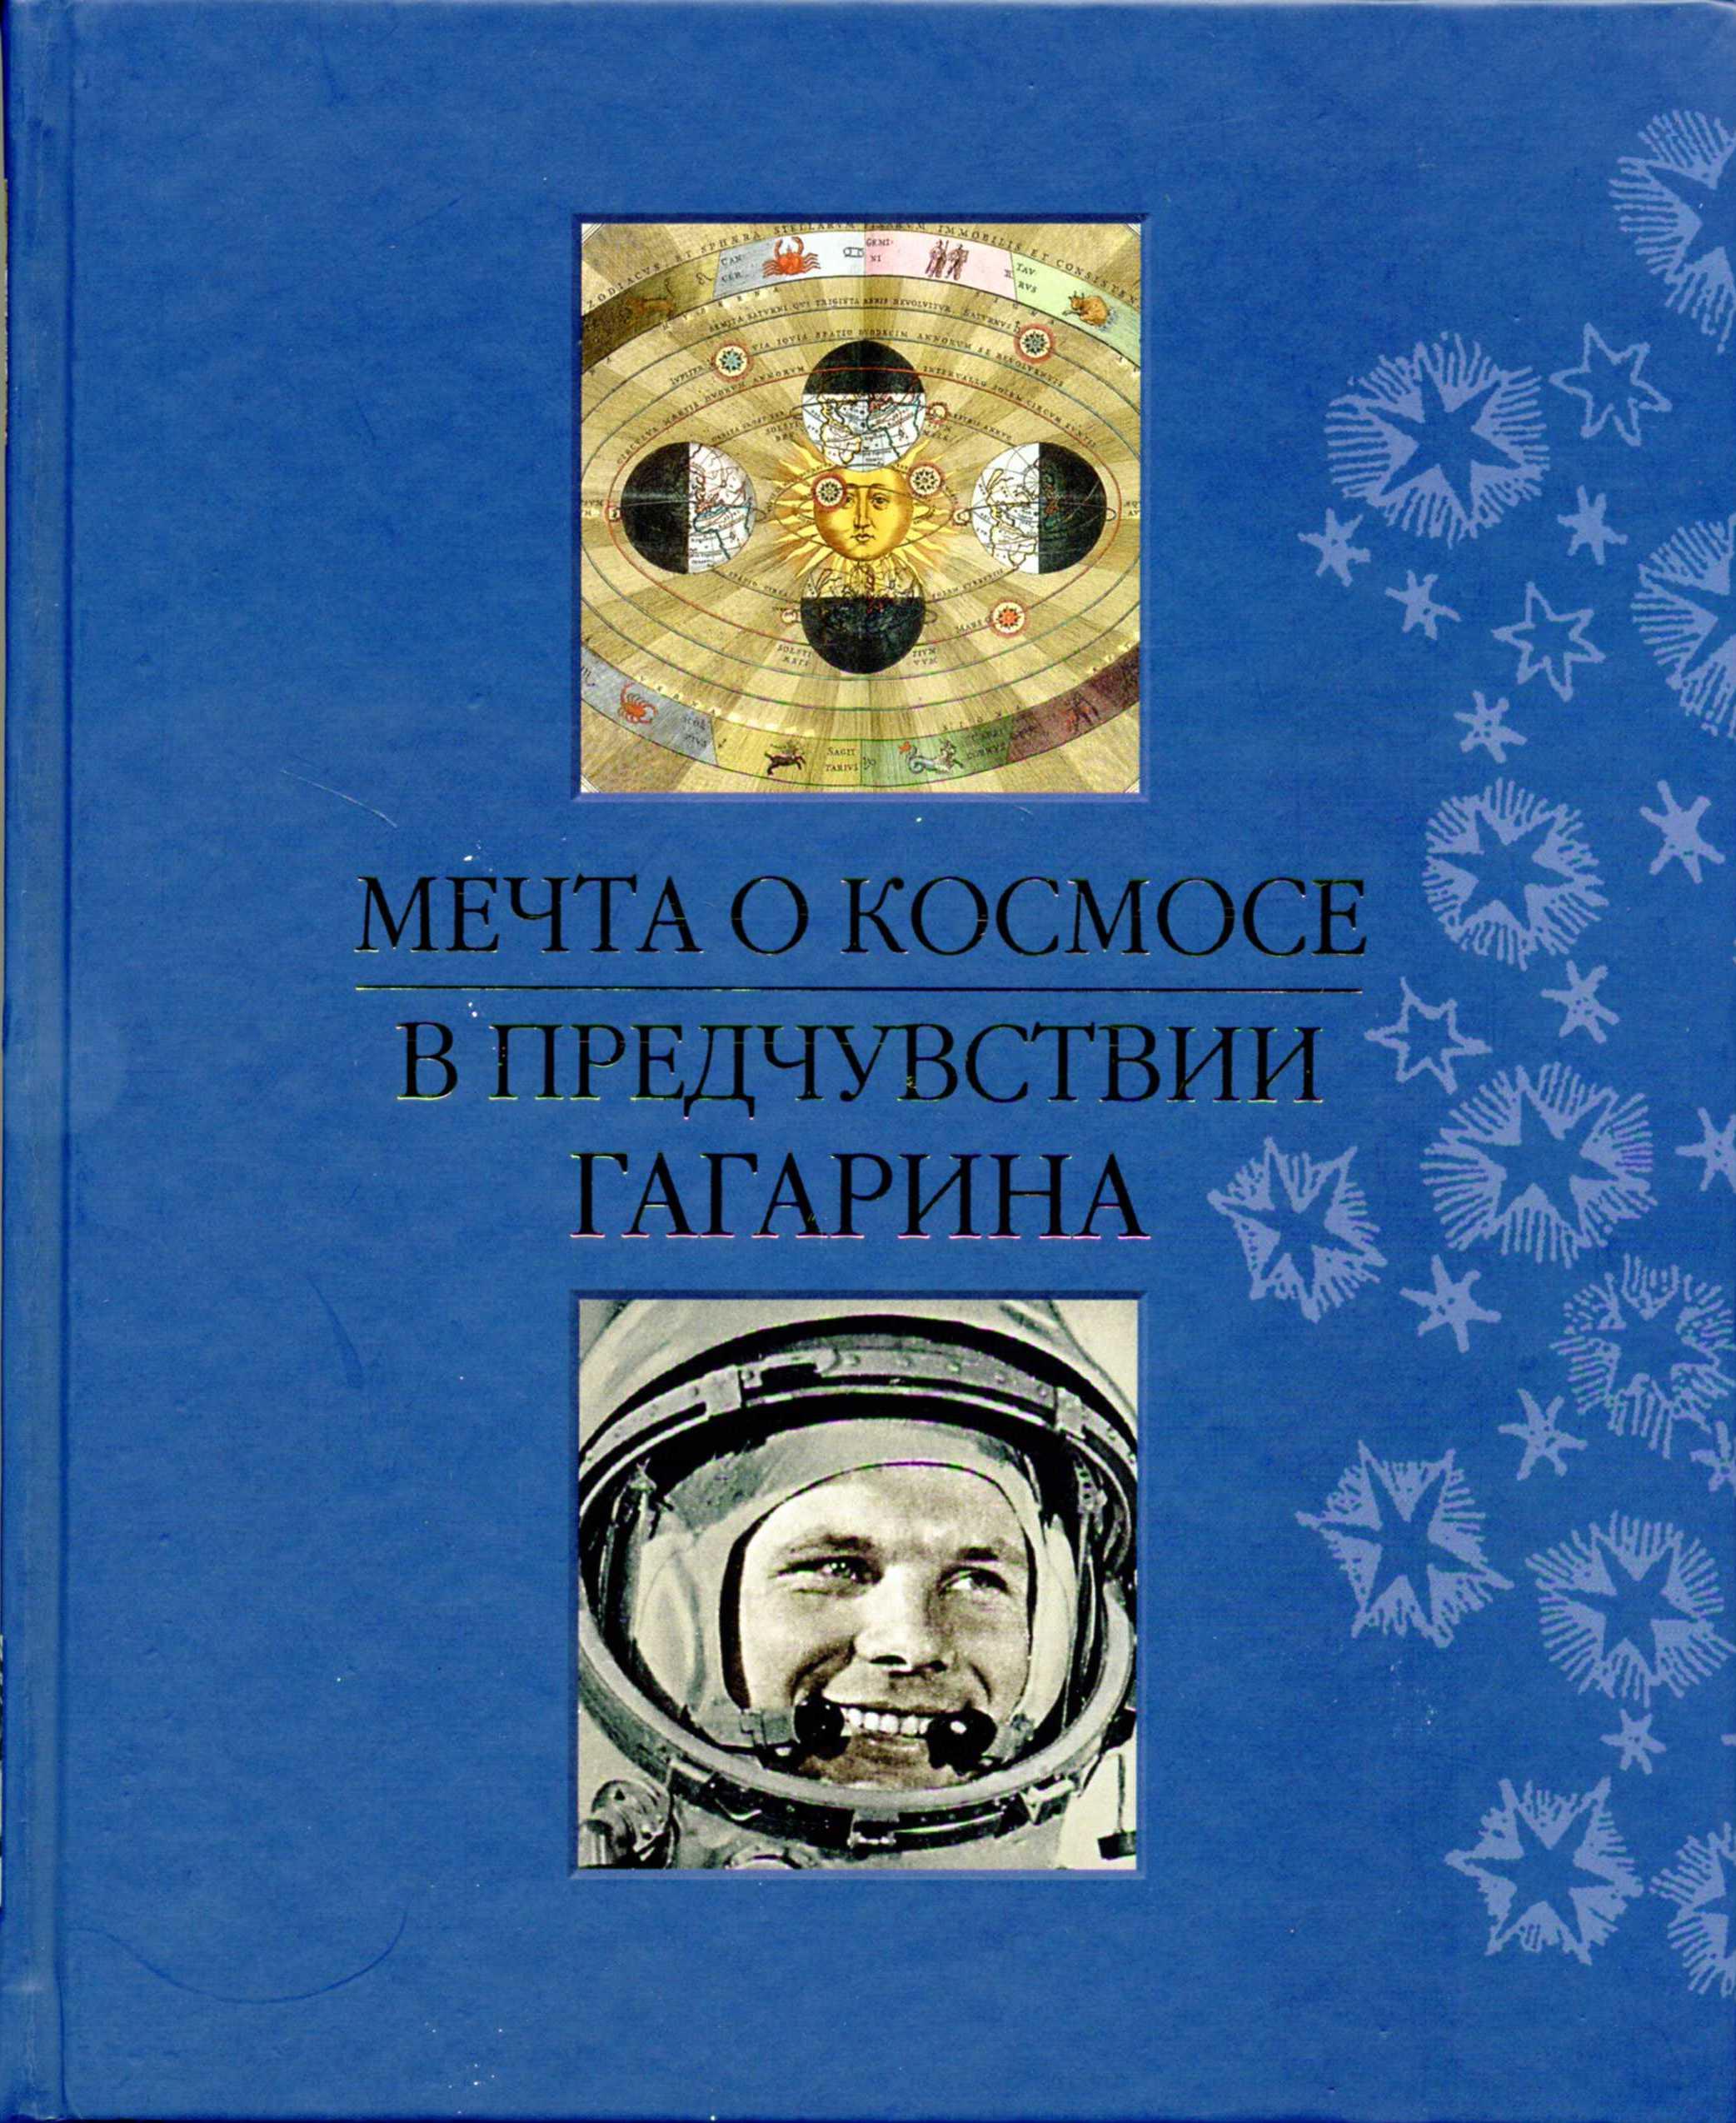 Гагарина М., отв. ред. Книга занимательных занятий для мальчиков с наклейками